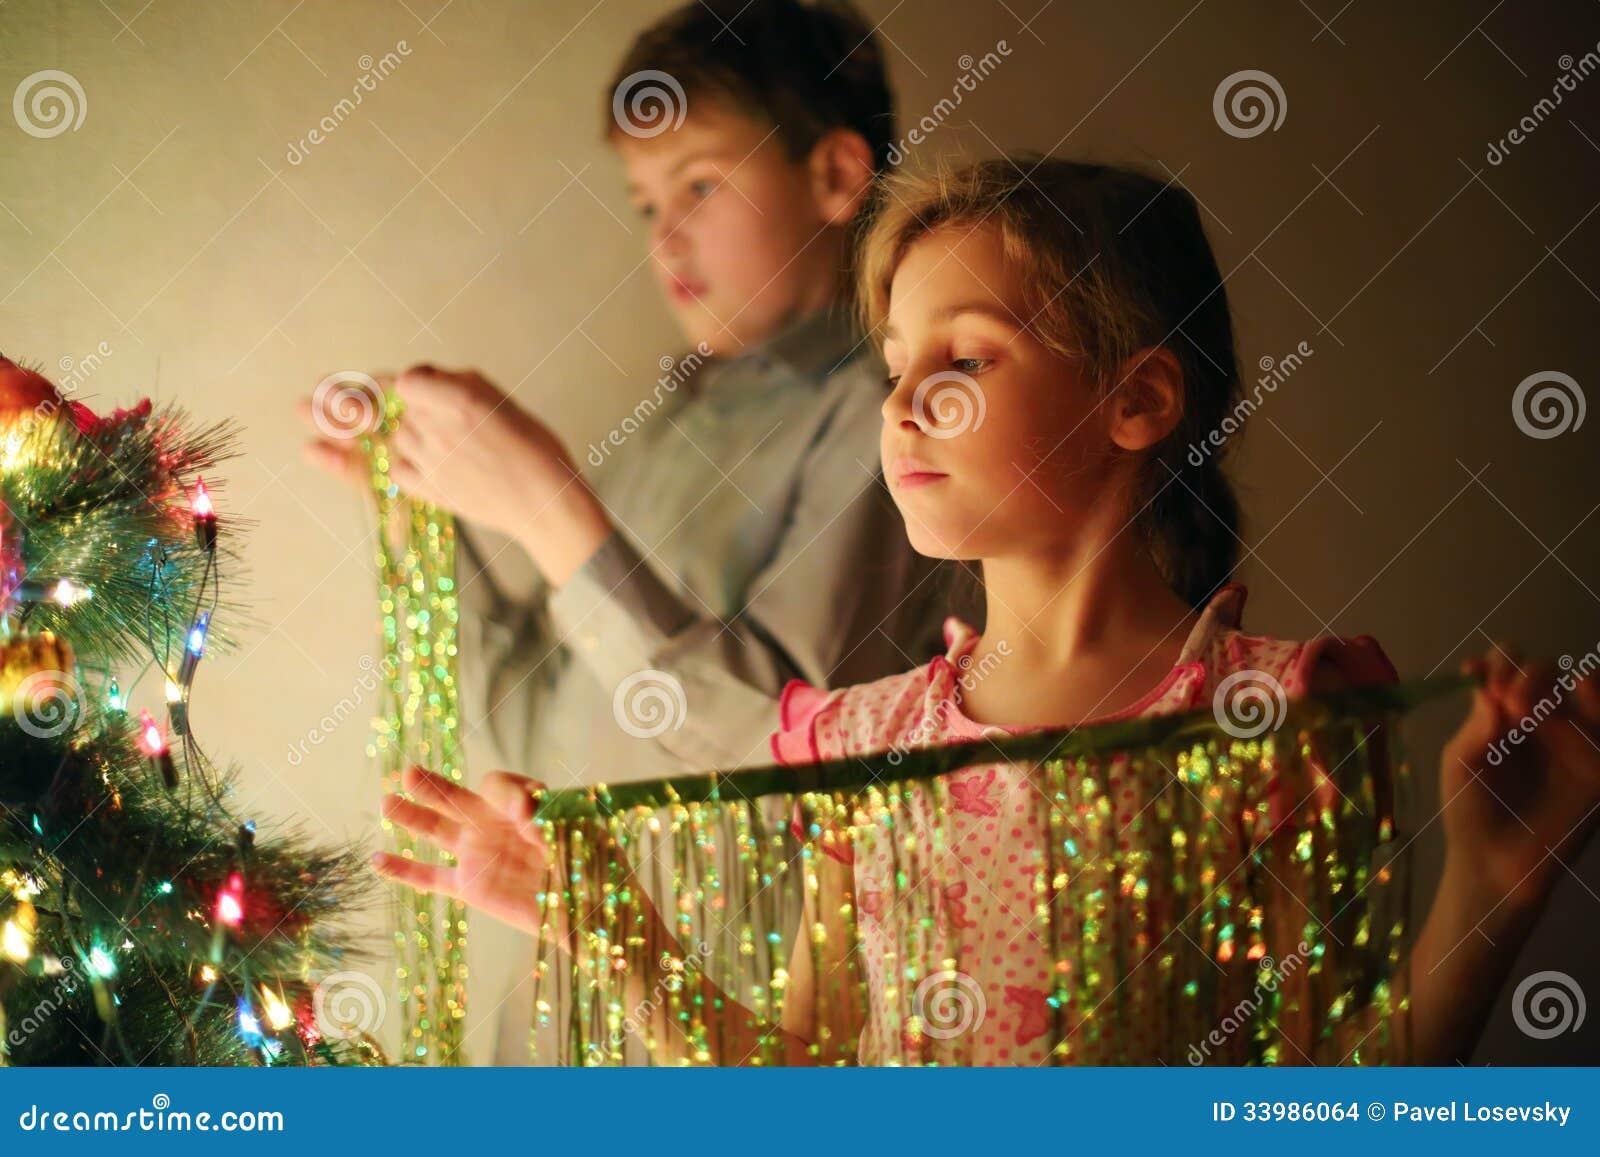 La muchacha y el muchacho adornaron el árbol de navidad con malla en la tarde